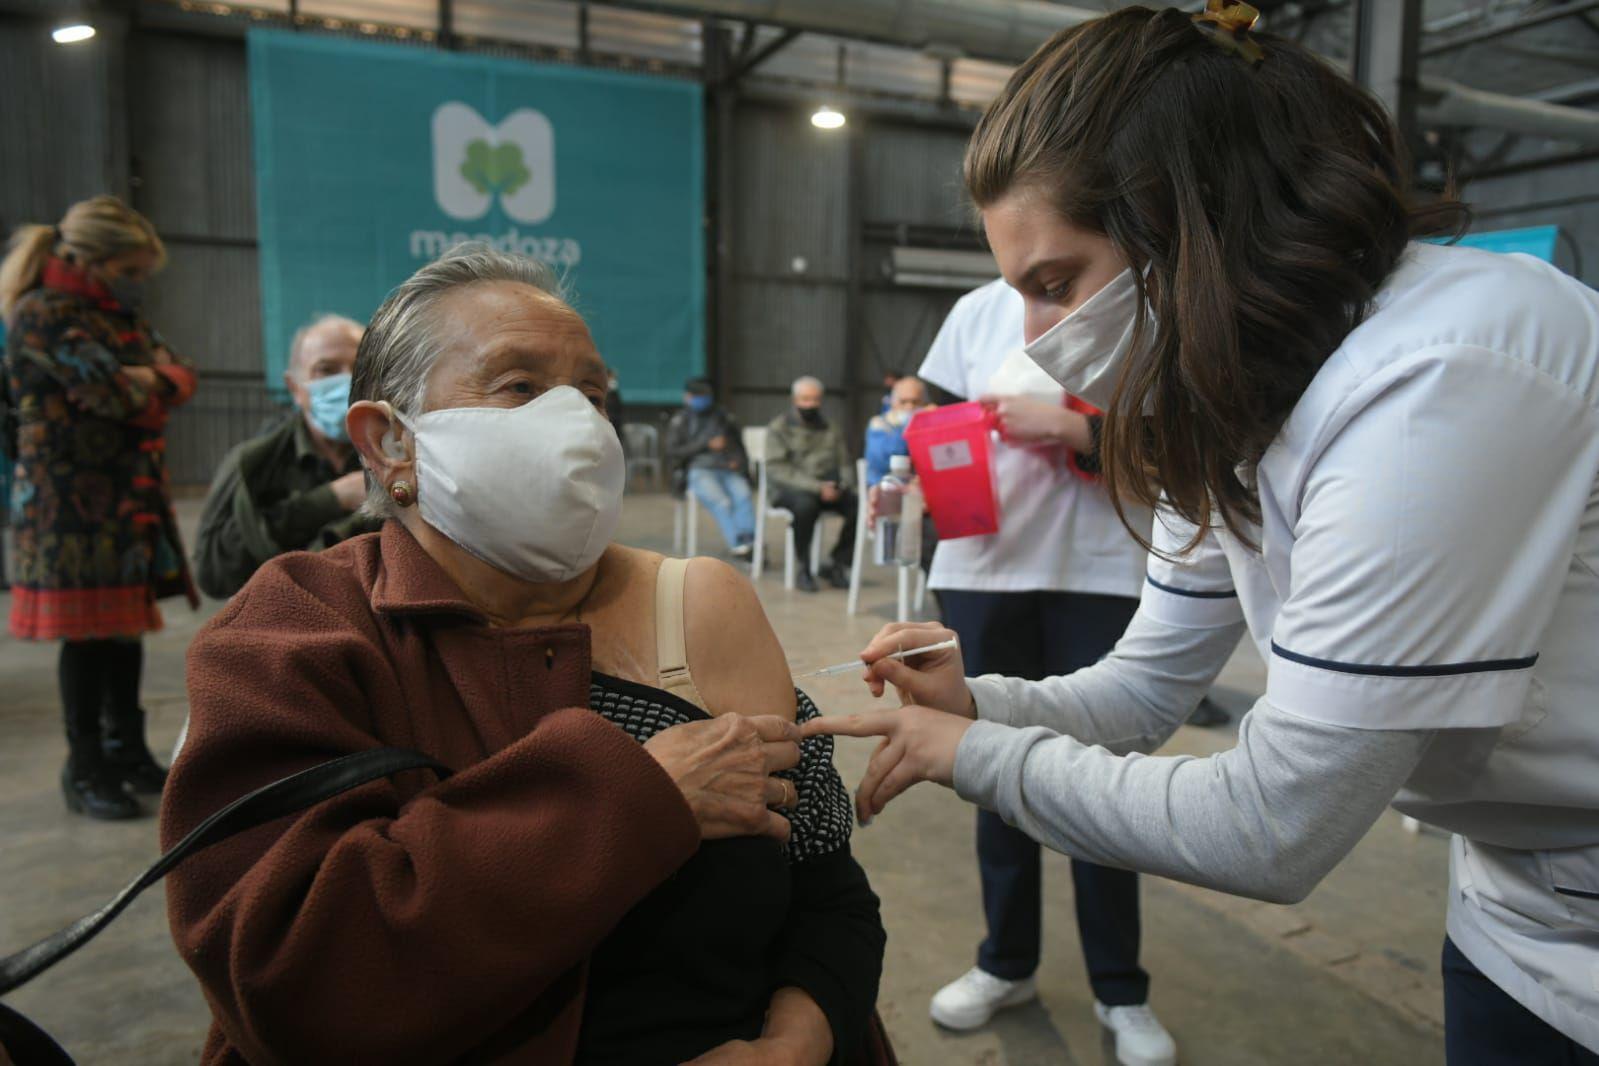 Comenzó la combinación de vacunas para mayores de 80 años con Moderna.